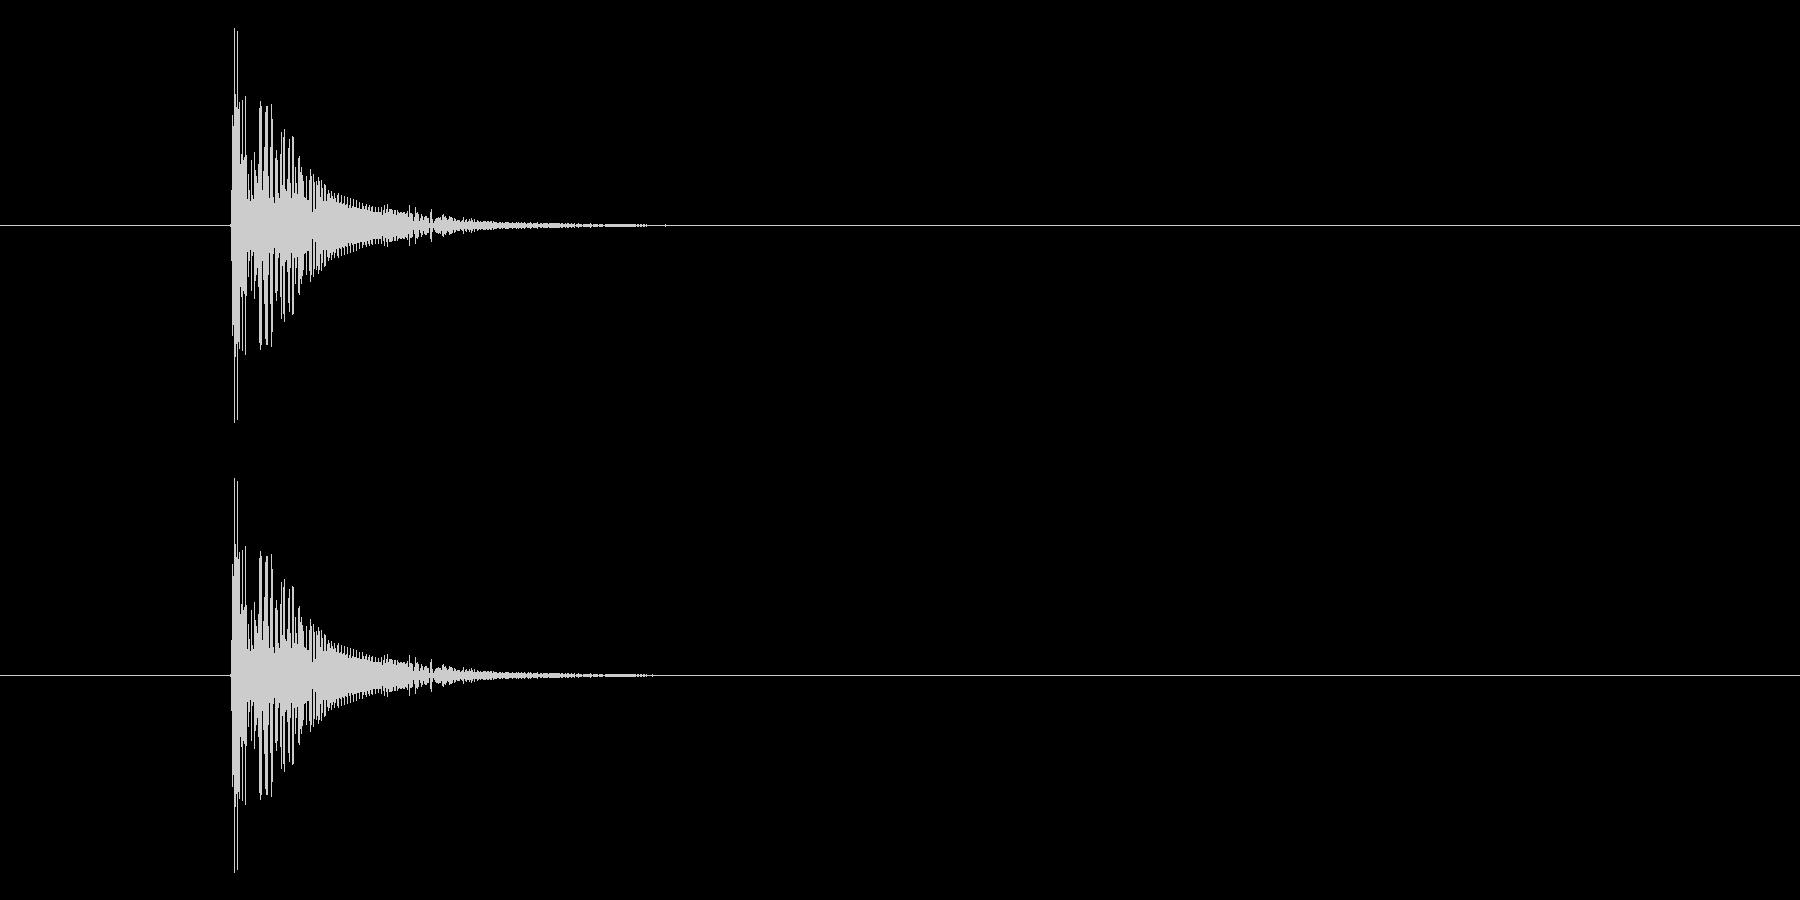 ボーン ビヨビヨ なゲームの爆発音ですの未再生の波形